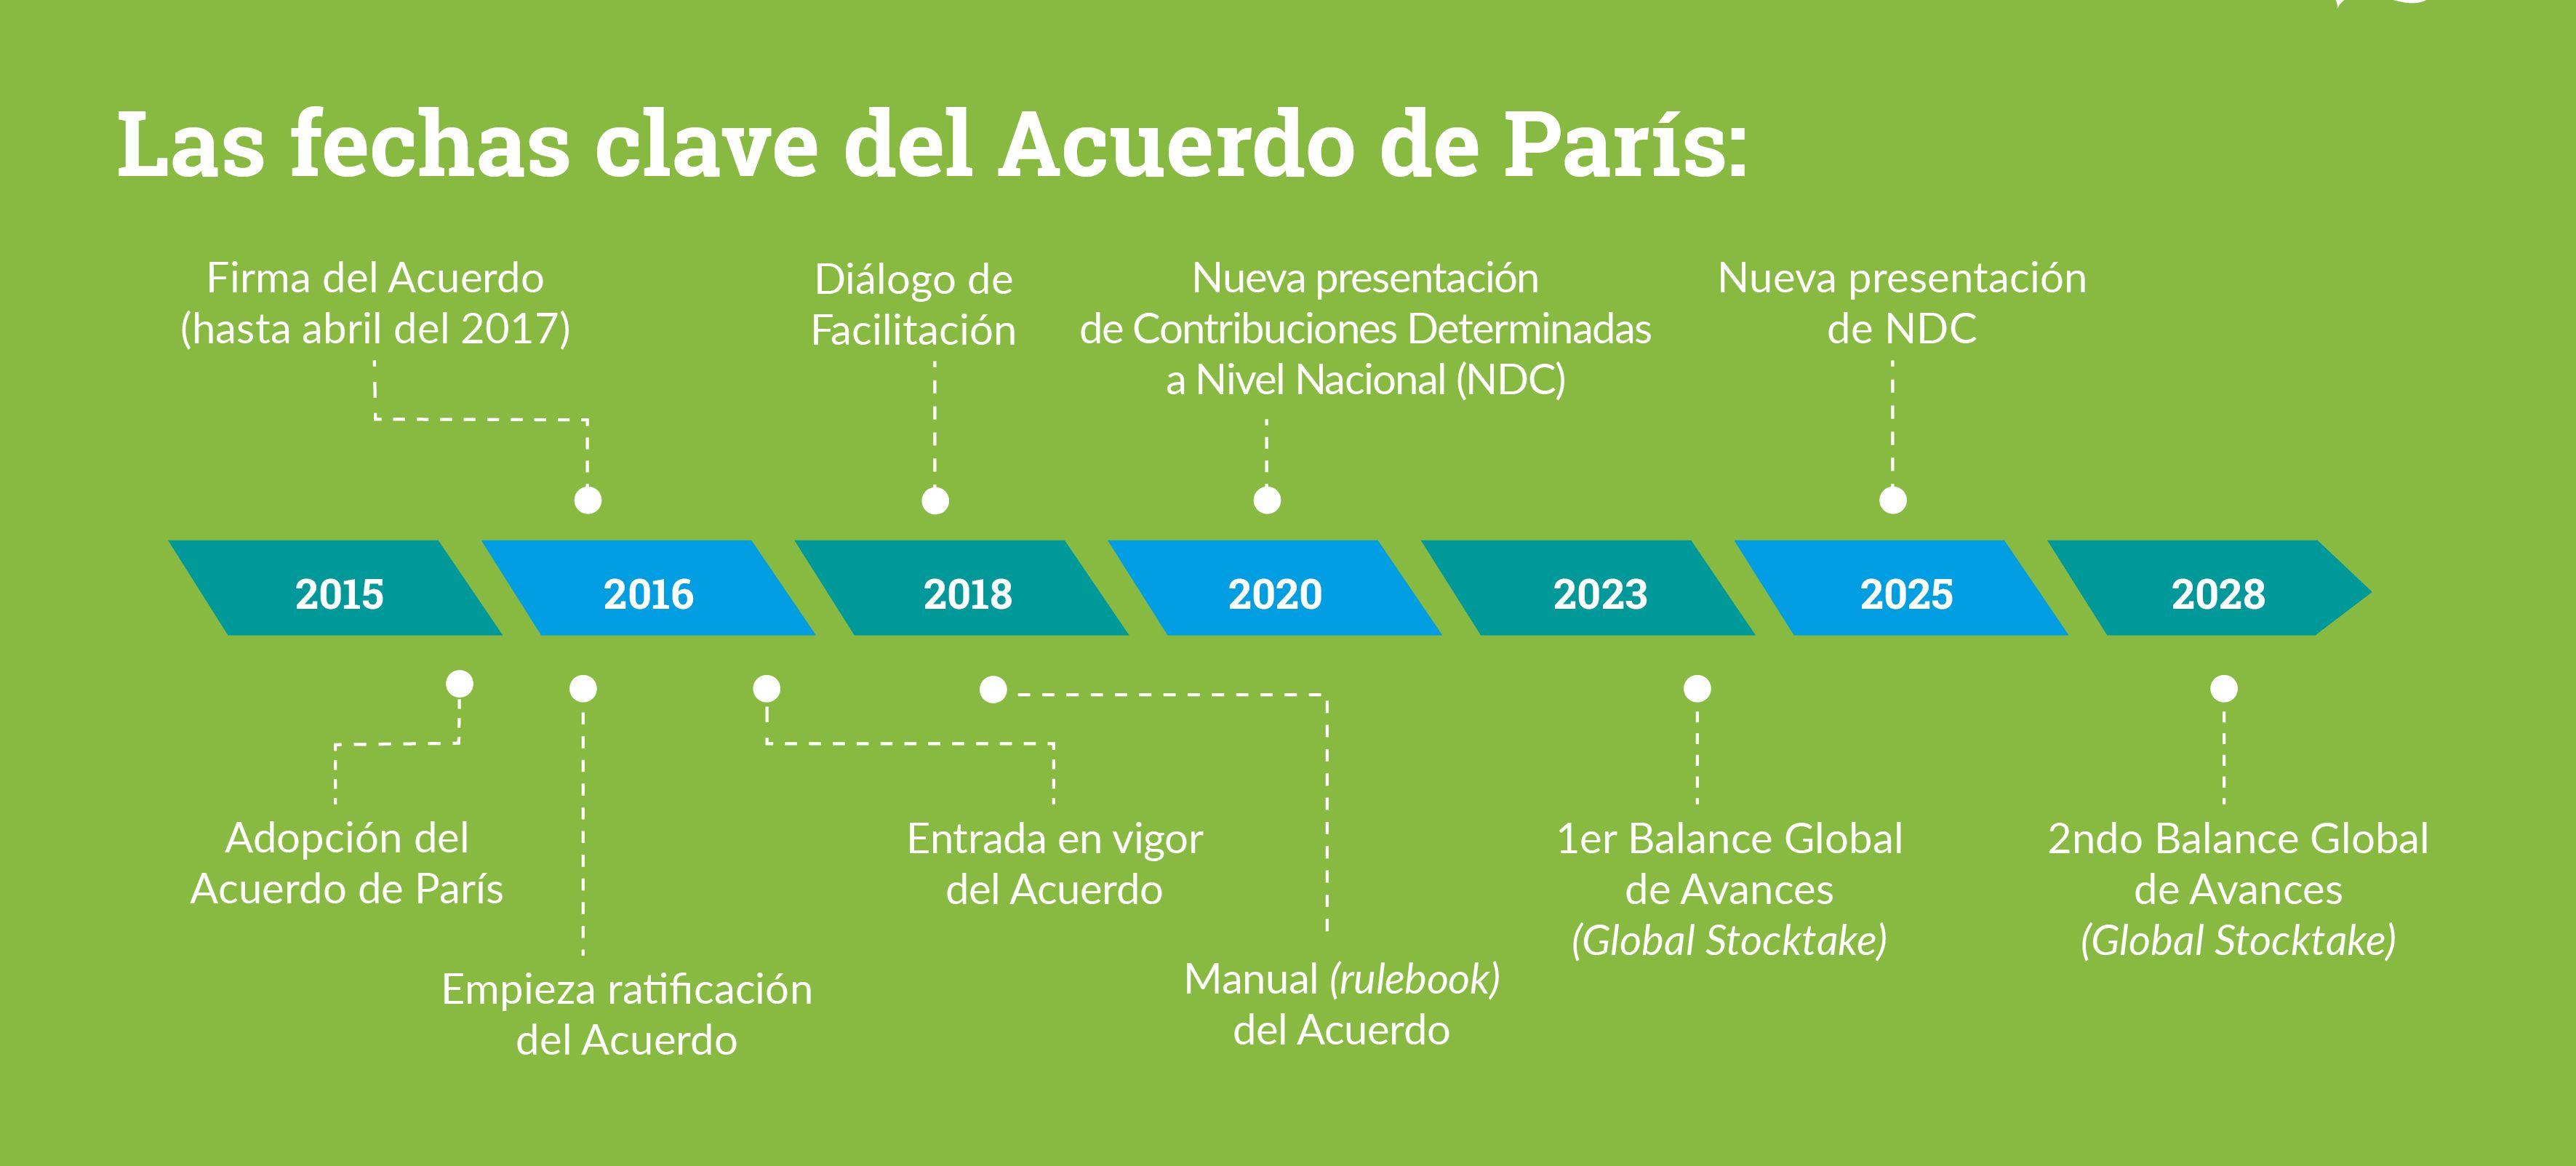 Las fechas clave del Acuerdo de París (Fuente: ConexiónCOP)